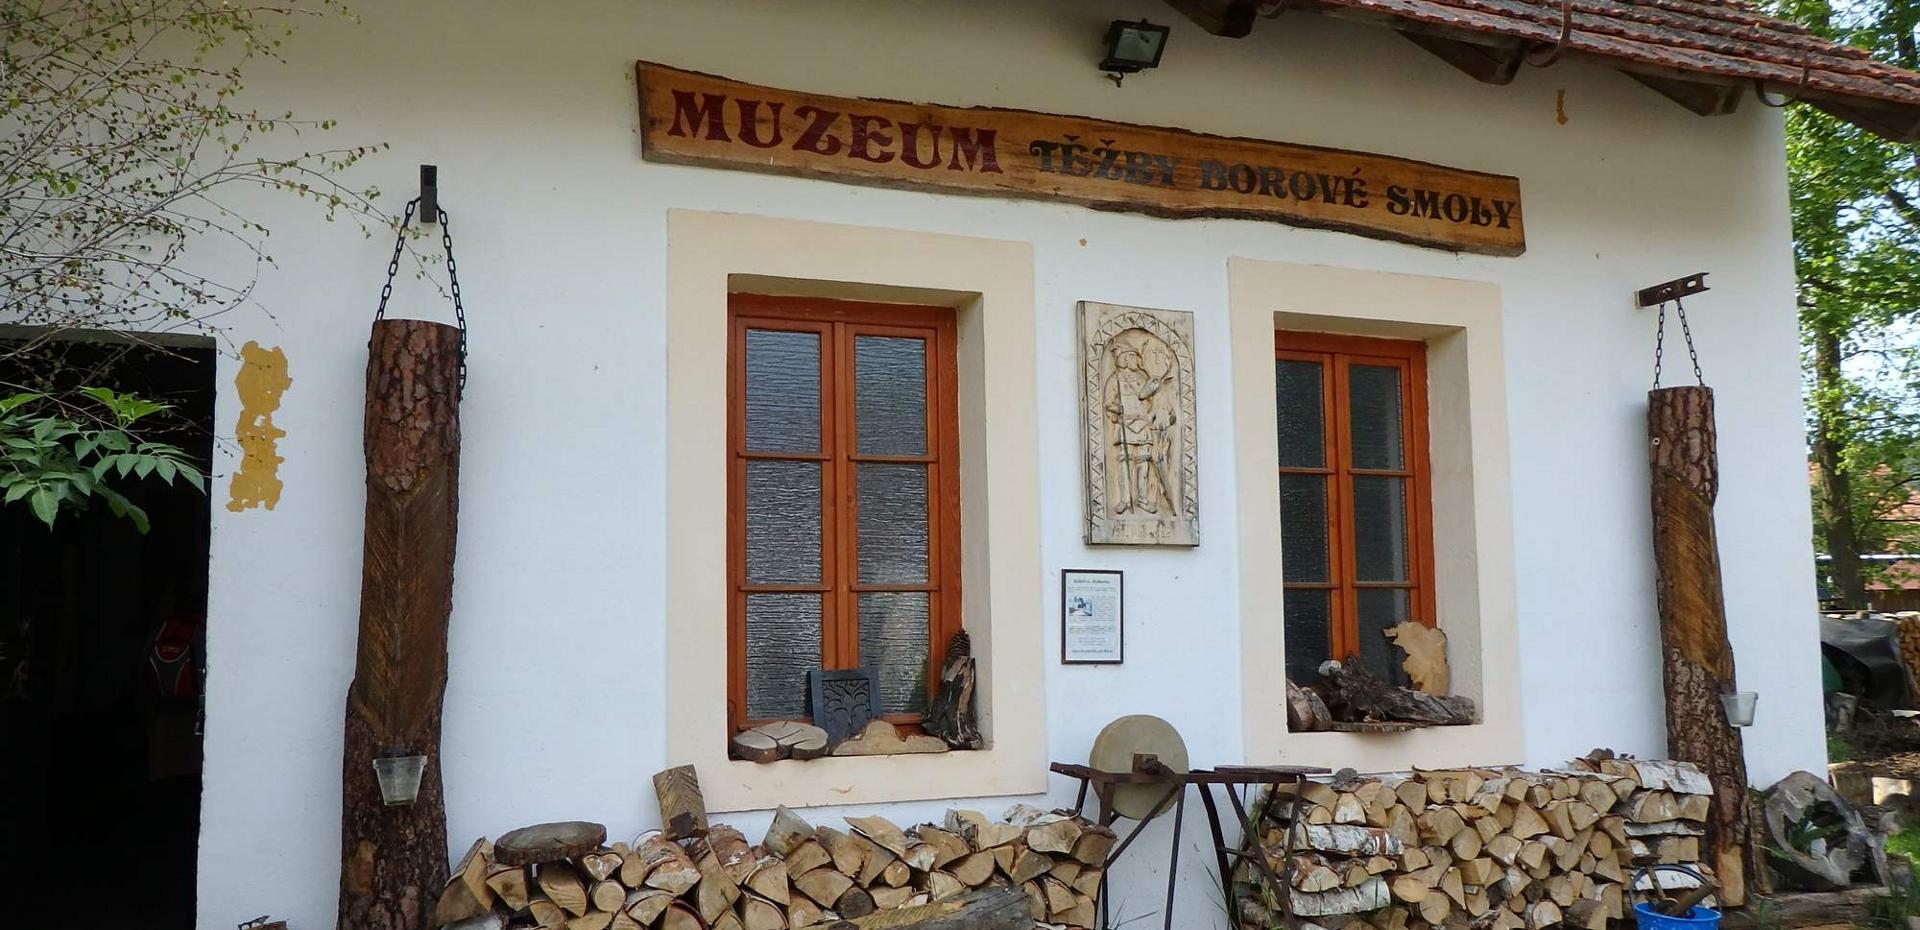 Lomany Muzeum těžby borové smoly